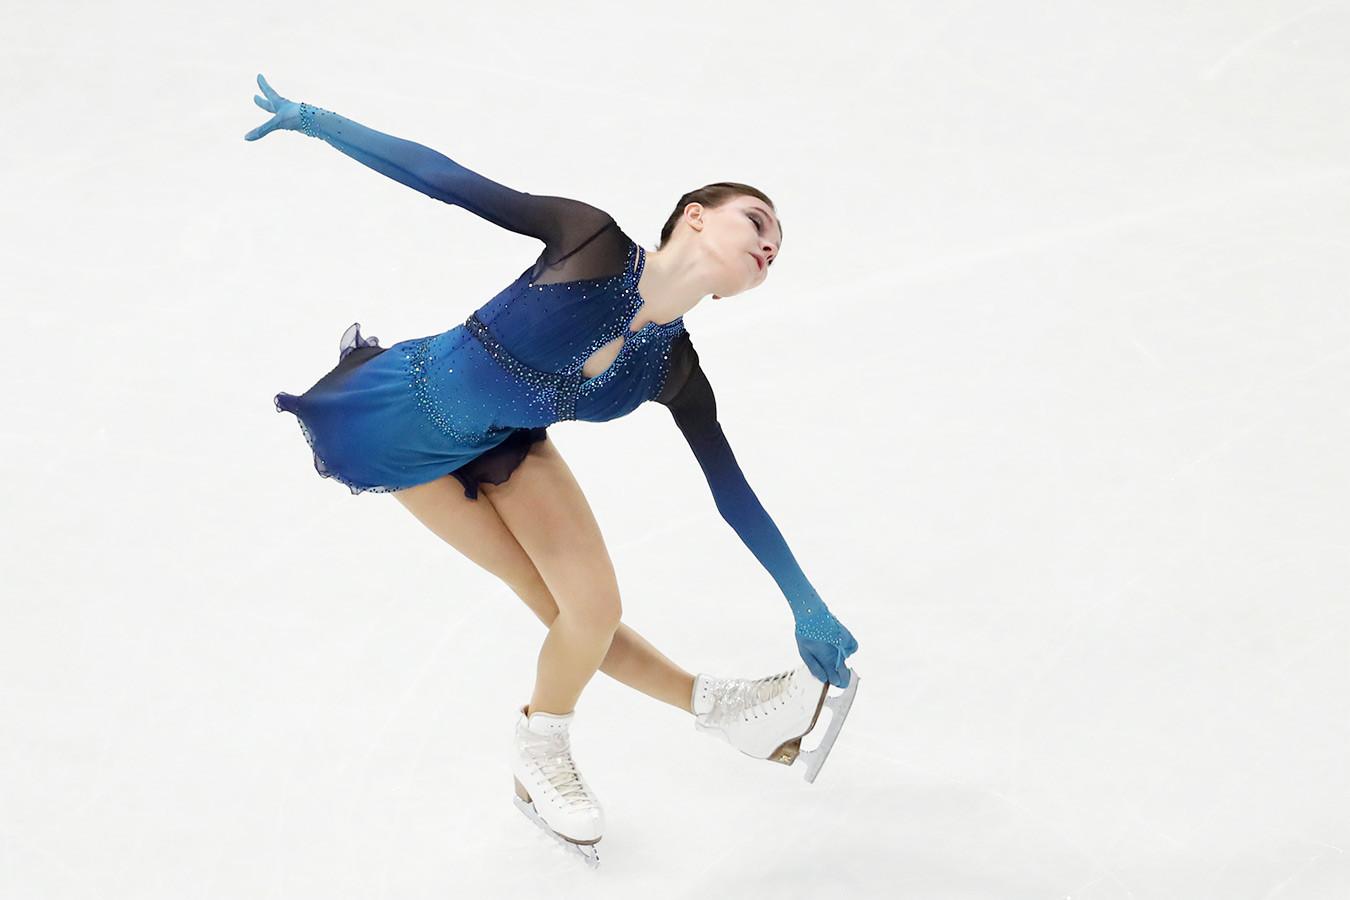 Фигуристка Щербакова выиграла чемпионат мира, Туктамышева и Трусова — призёры